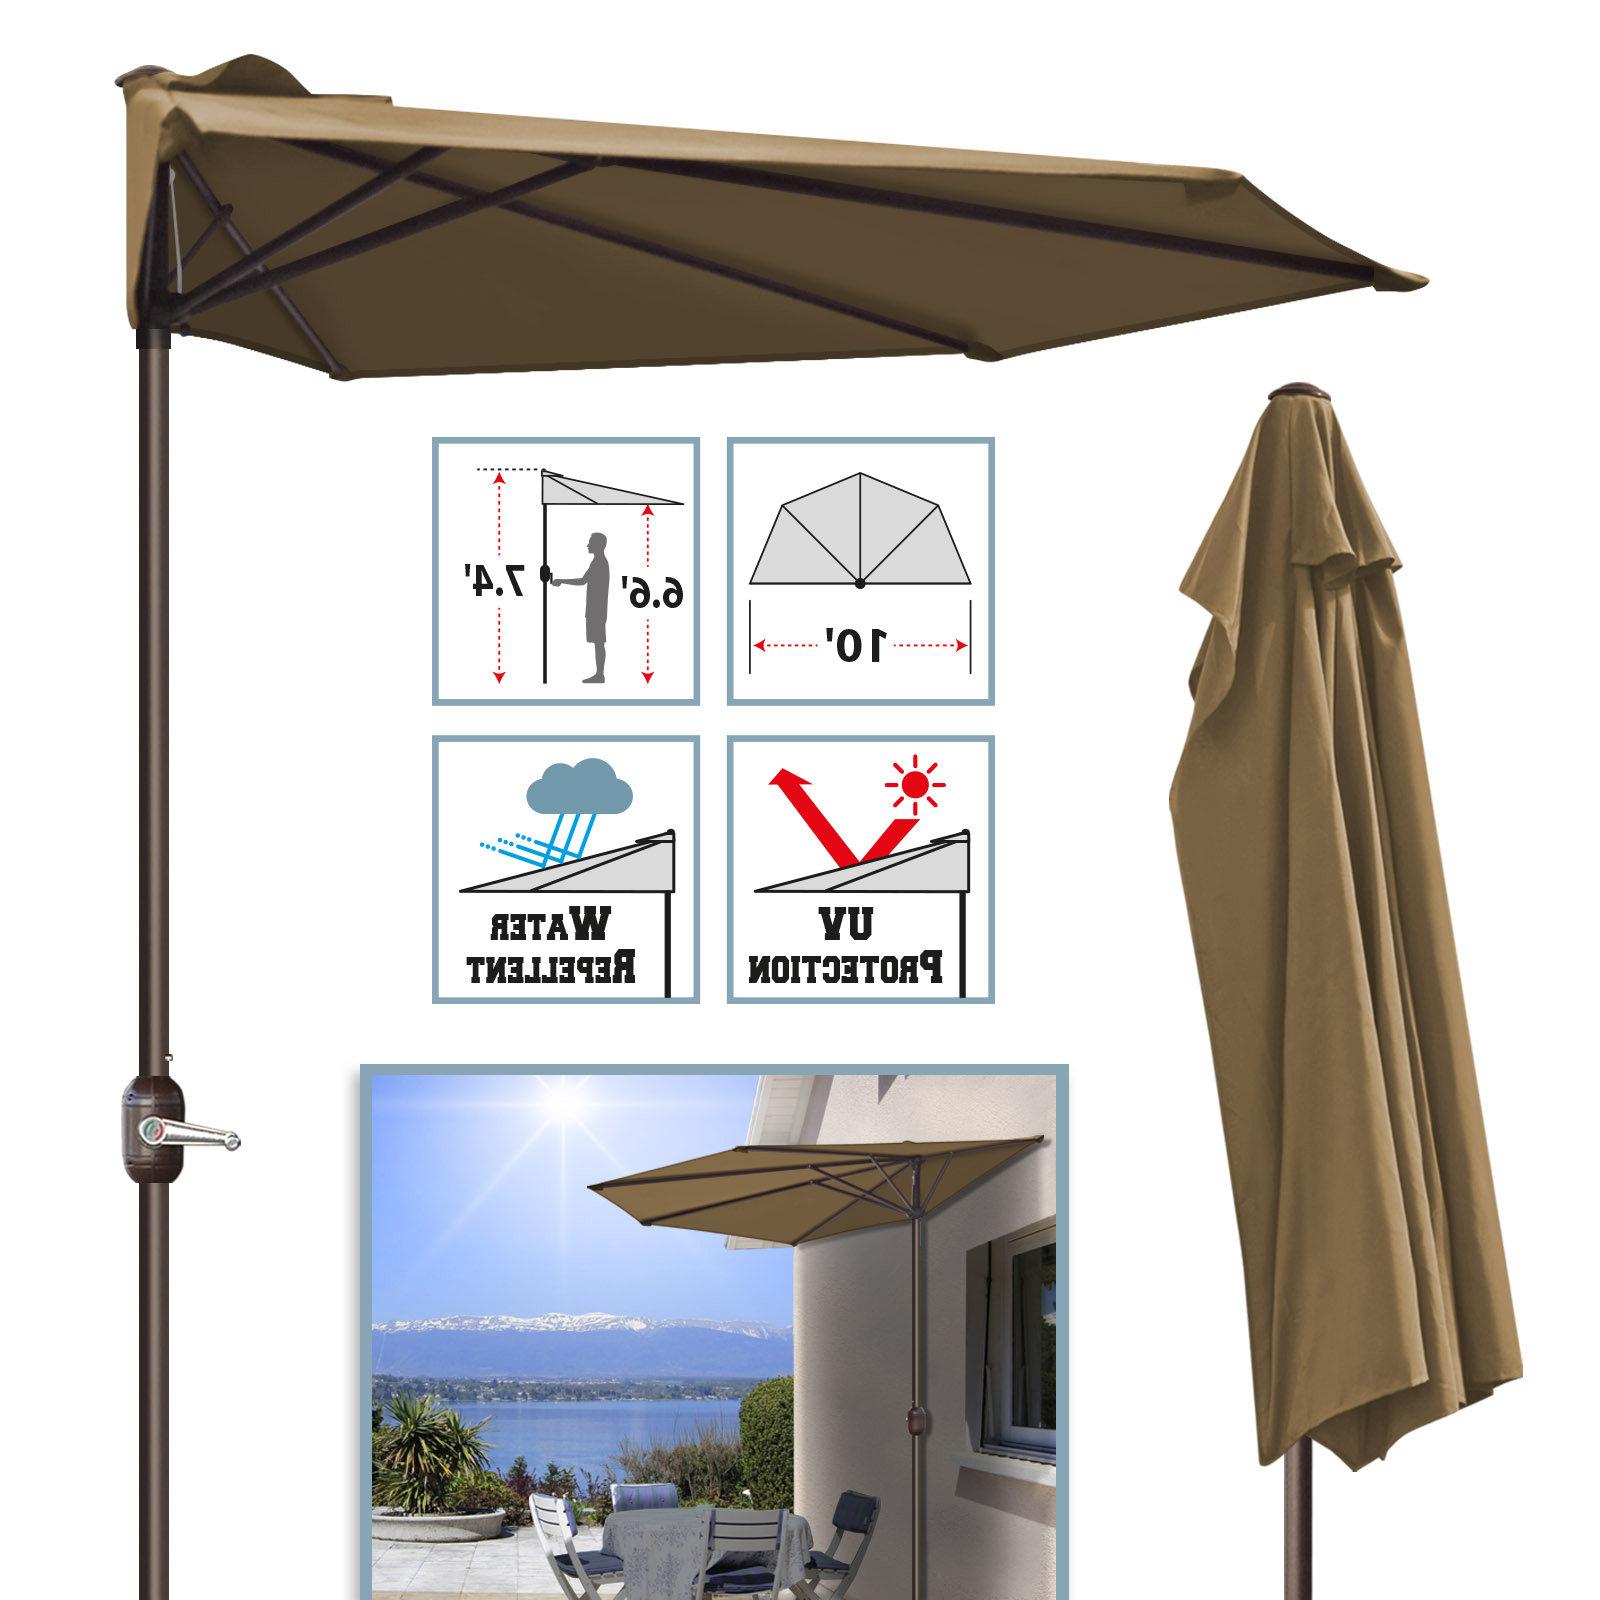 Newest Keltner Patio Outdoor Market Umbrellas With Regard To Rotherham Outdoor Patio Cafe Wall Balcony Door Sun Shade Half Market  Umbrella (Gallery 7 of 20)